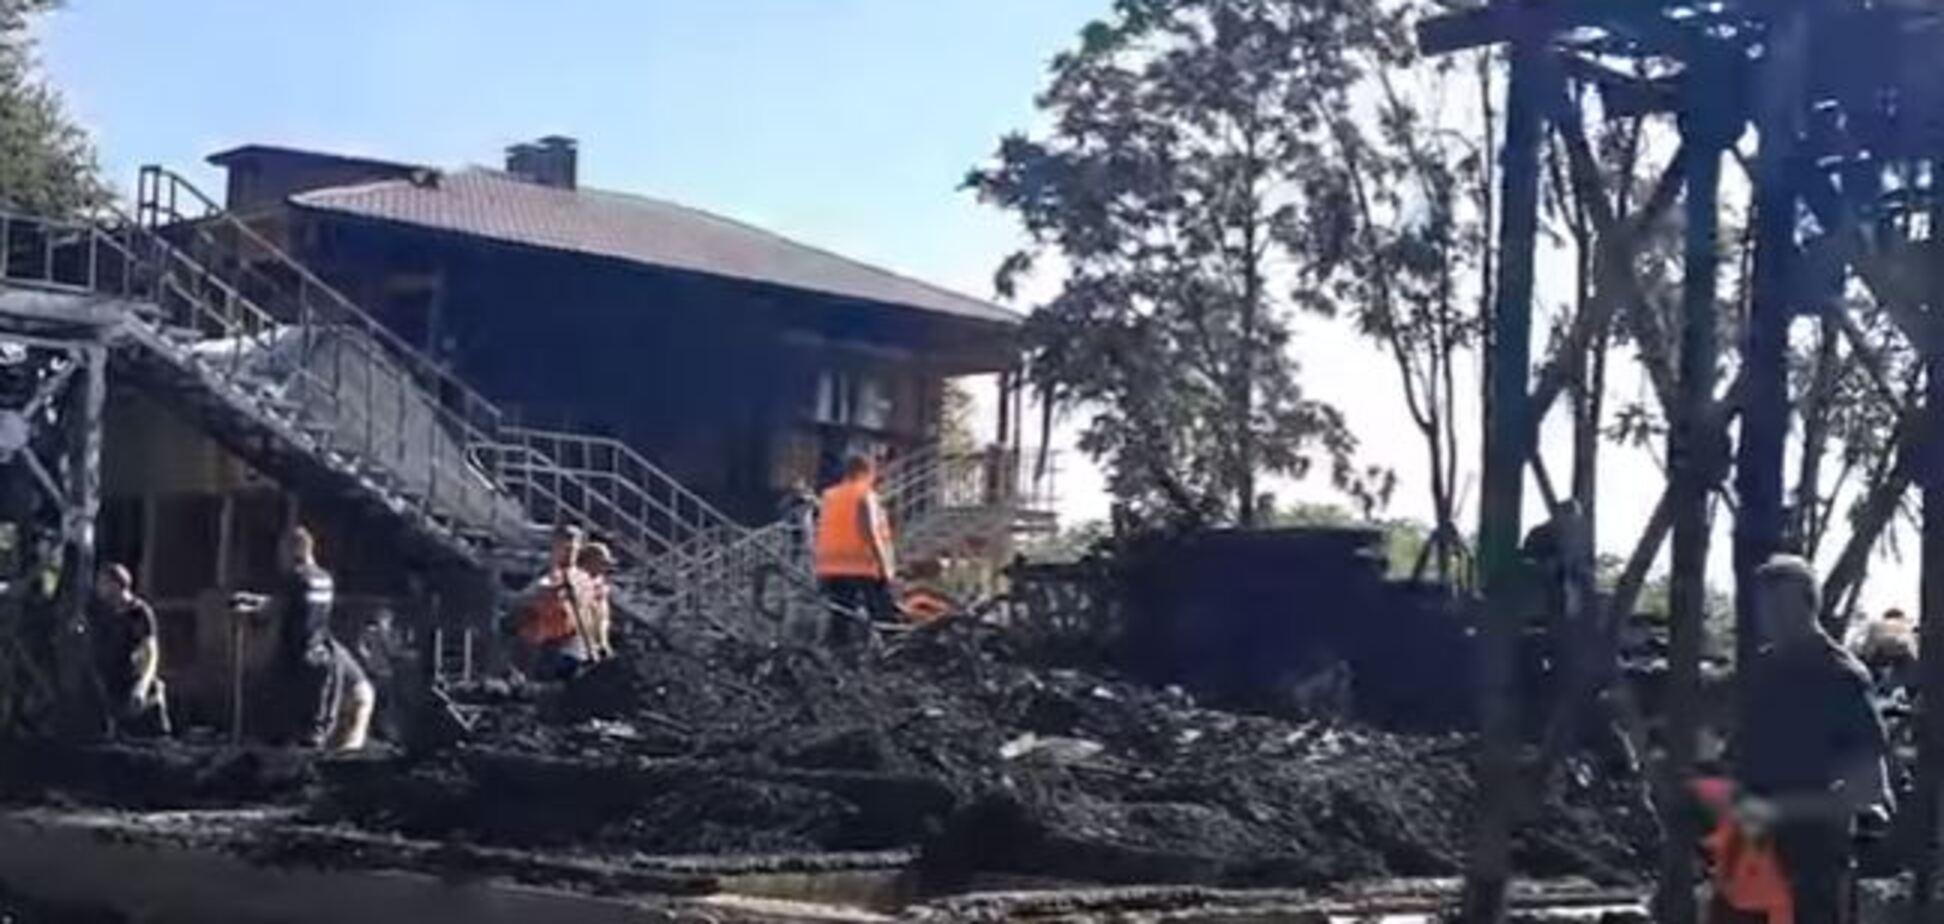 Просто пепелище: на видео попали последствия страшного пожара в лагере 'Виктория'